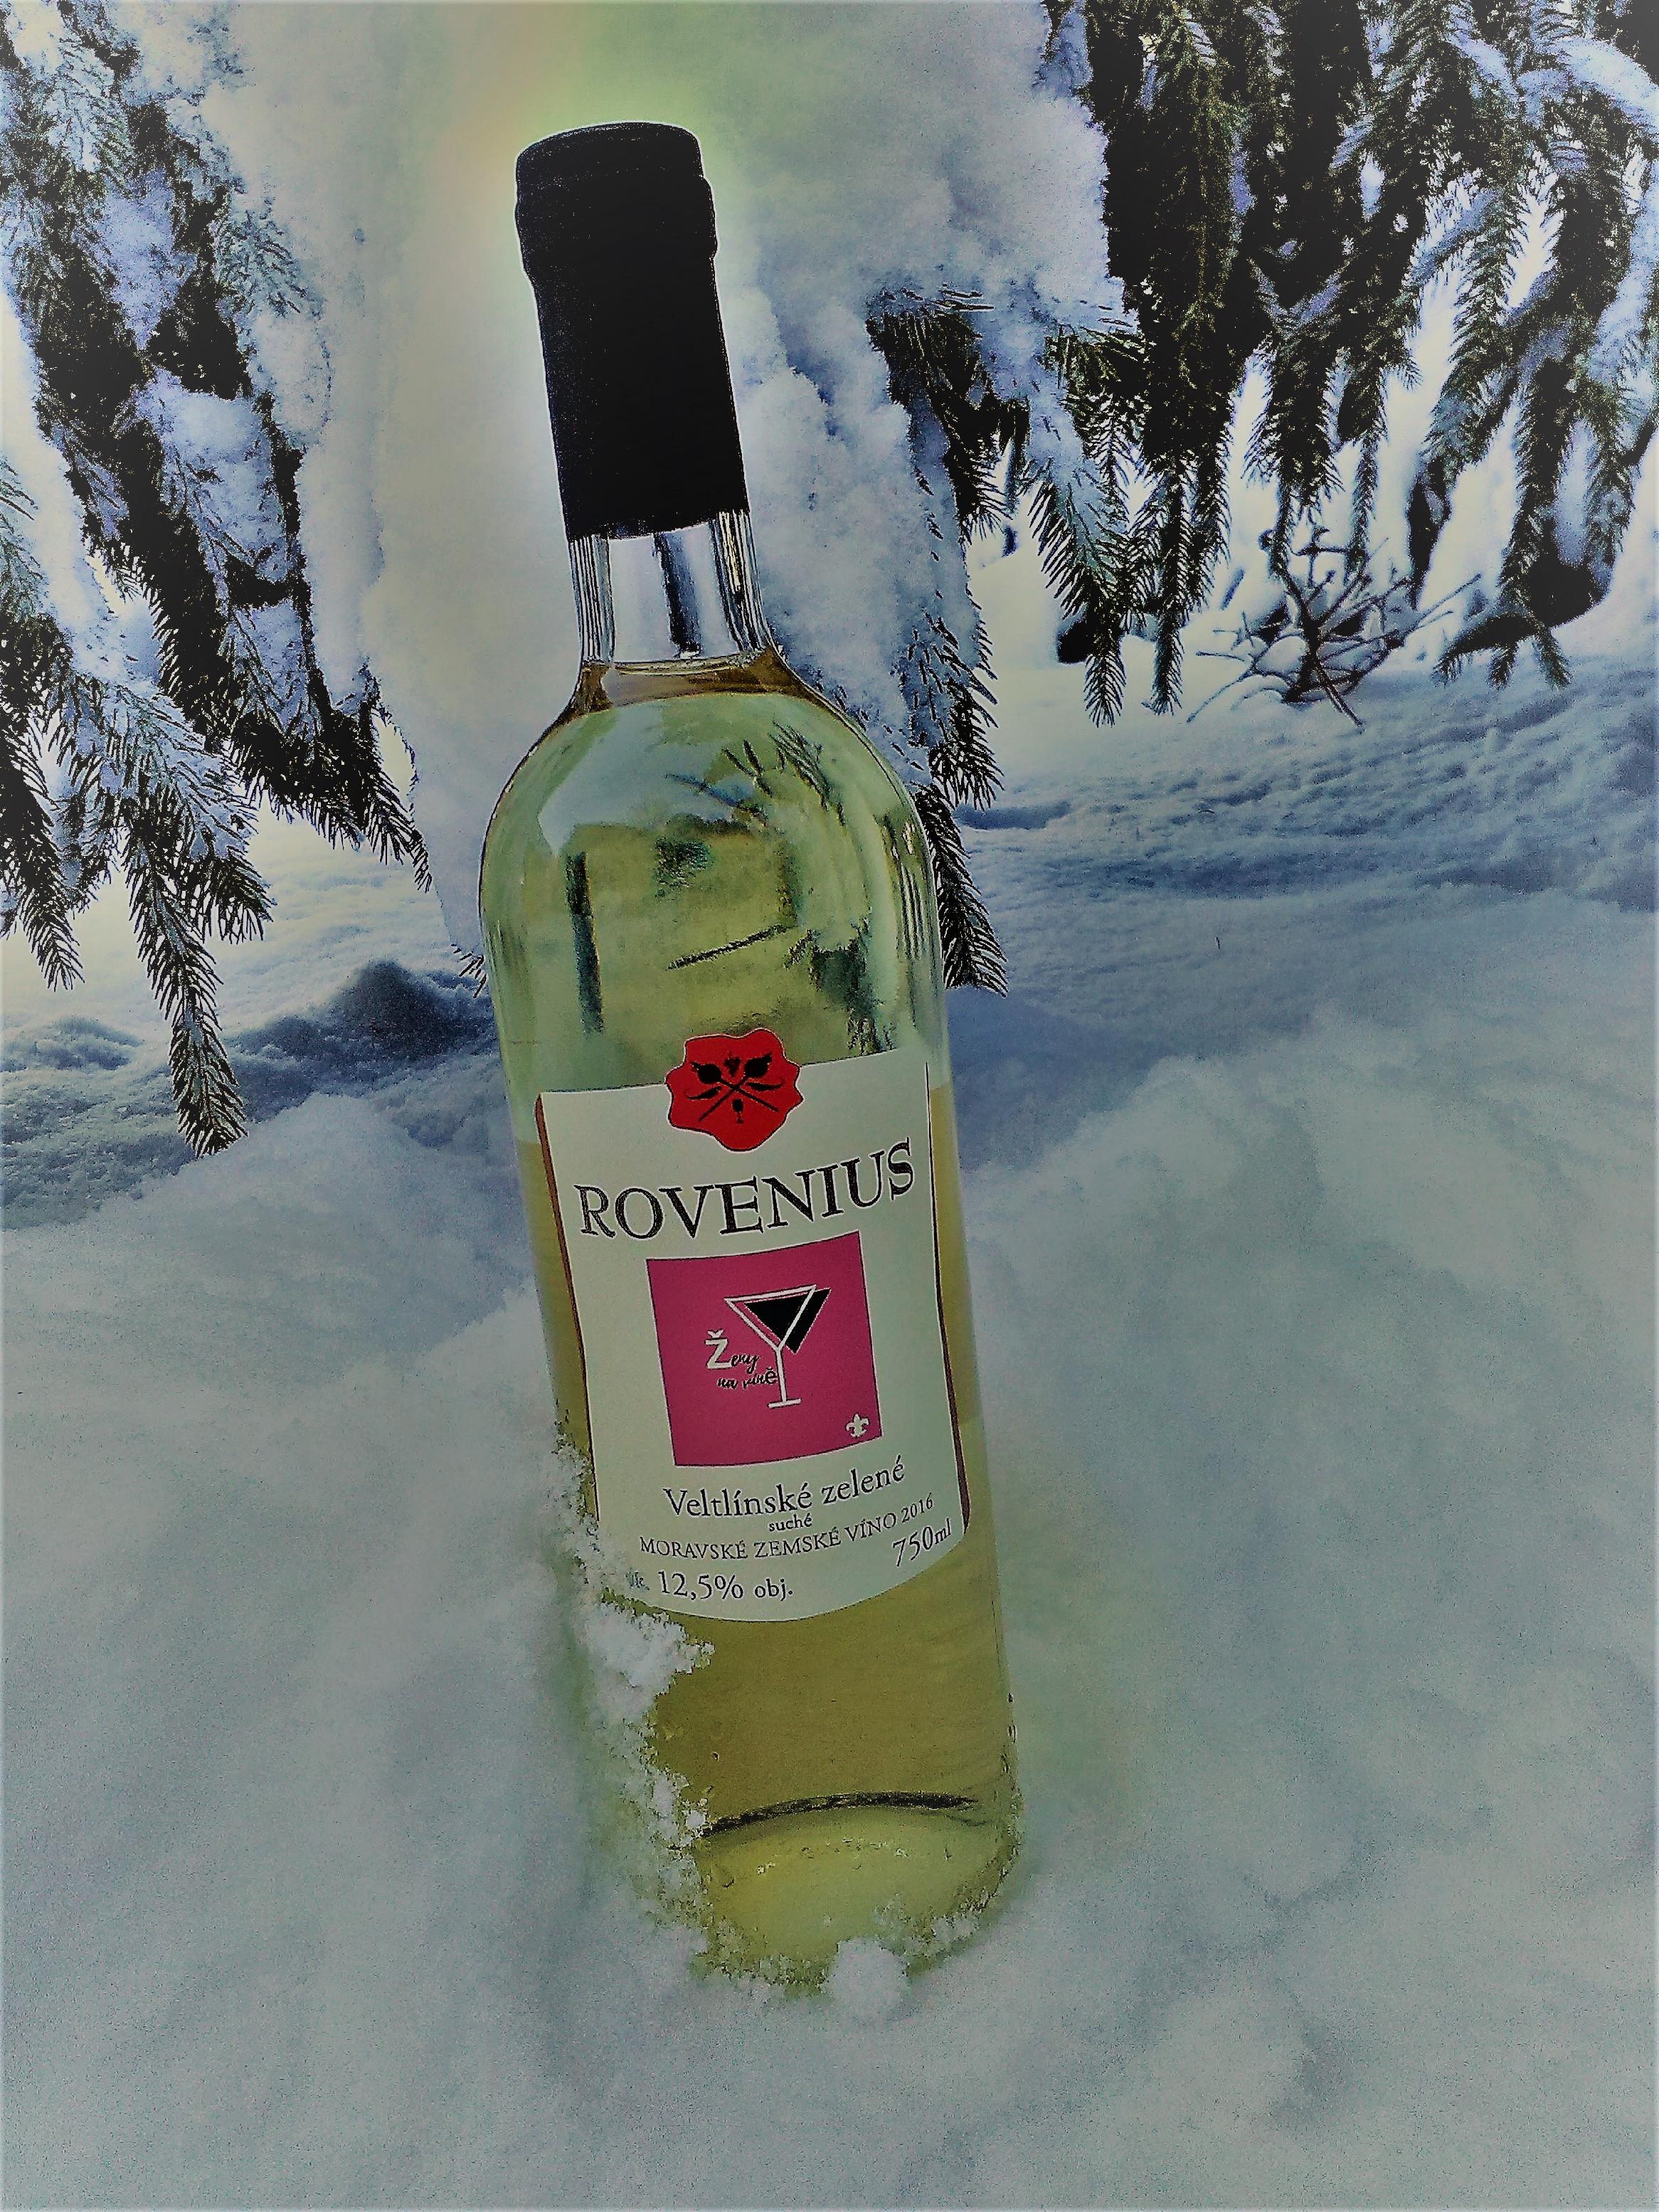 Veltlínské zelené - víno pomáhá - 99,- kč darujeme vybraným organizacím